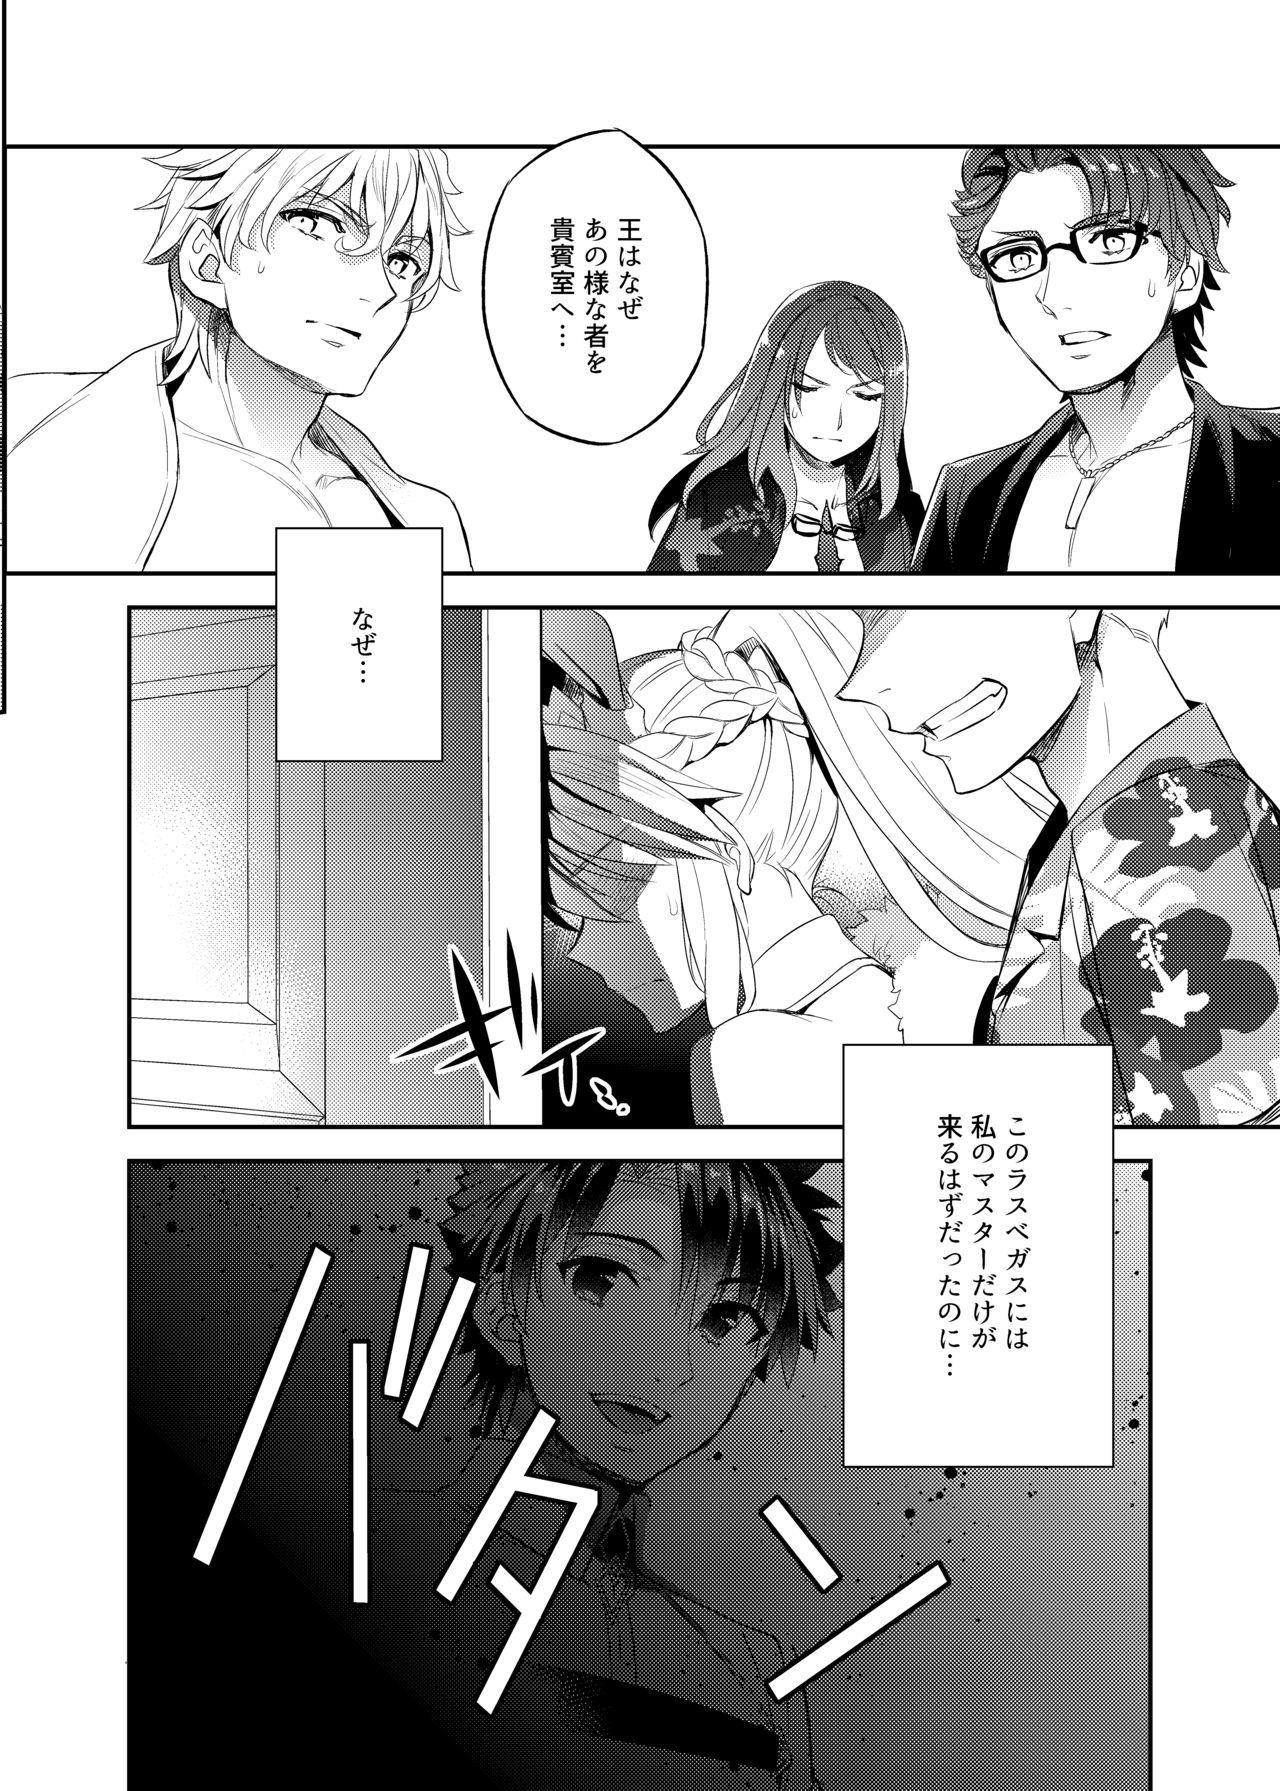 Shinjite Okuridashita Artoria ga NTR reru nante... 3 2